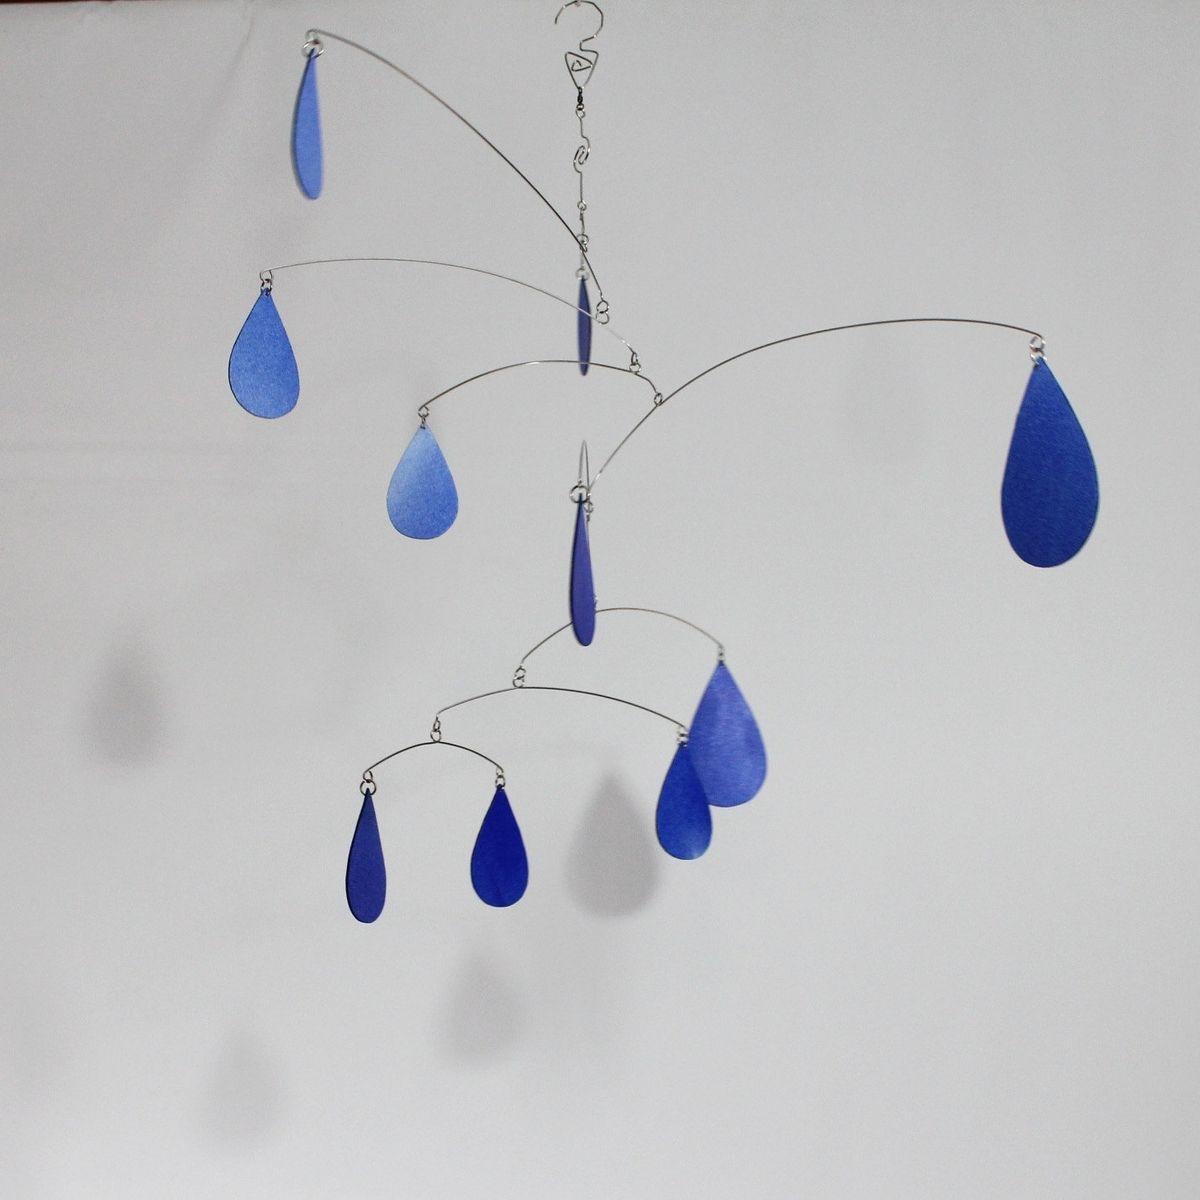 Custom Made Rain Drops Art Mobile Spring Shower Hanging